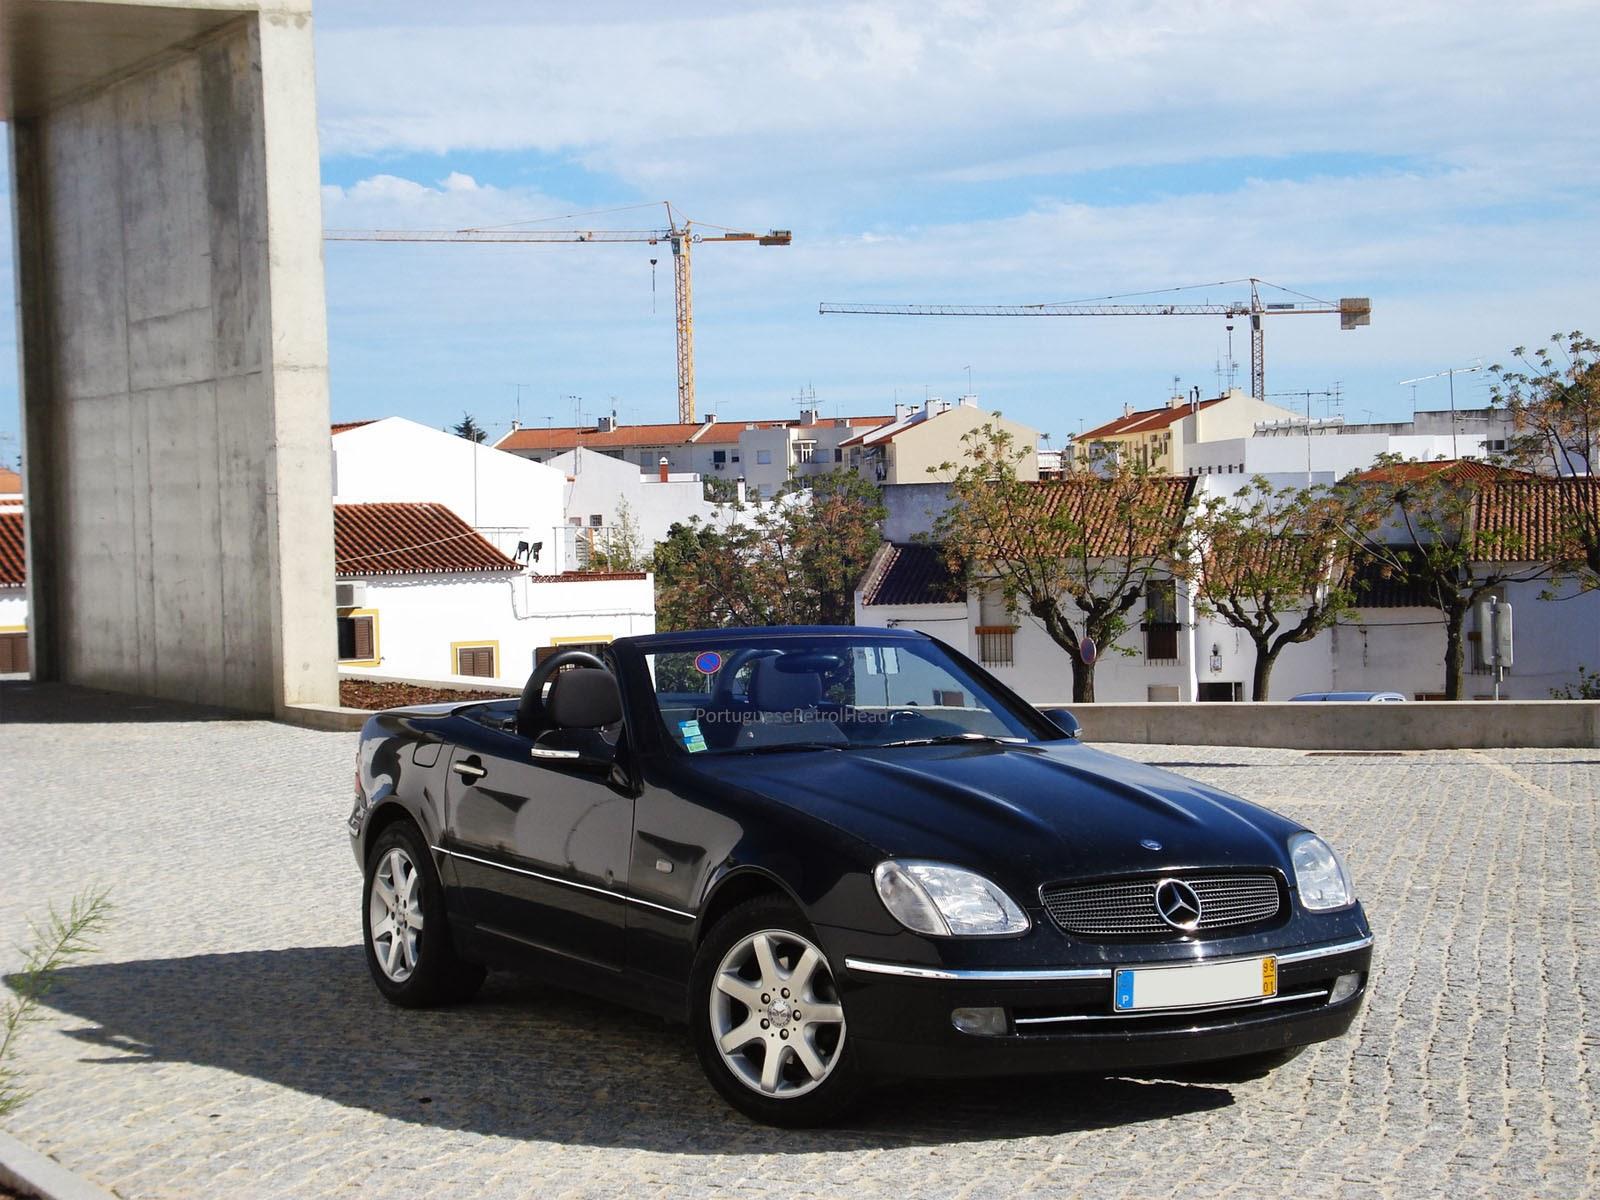 portuguese petrol head driven mercedes benz slk 200 1999 r170. Black Bedroom Furniture Sets. Home Design Ideas